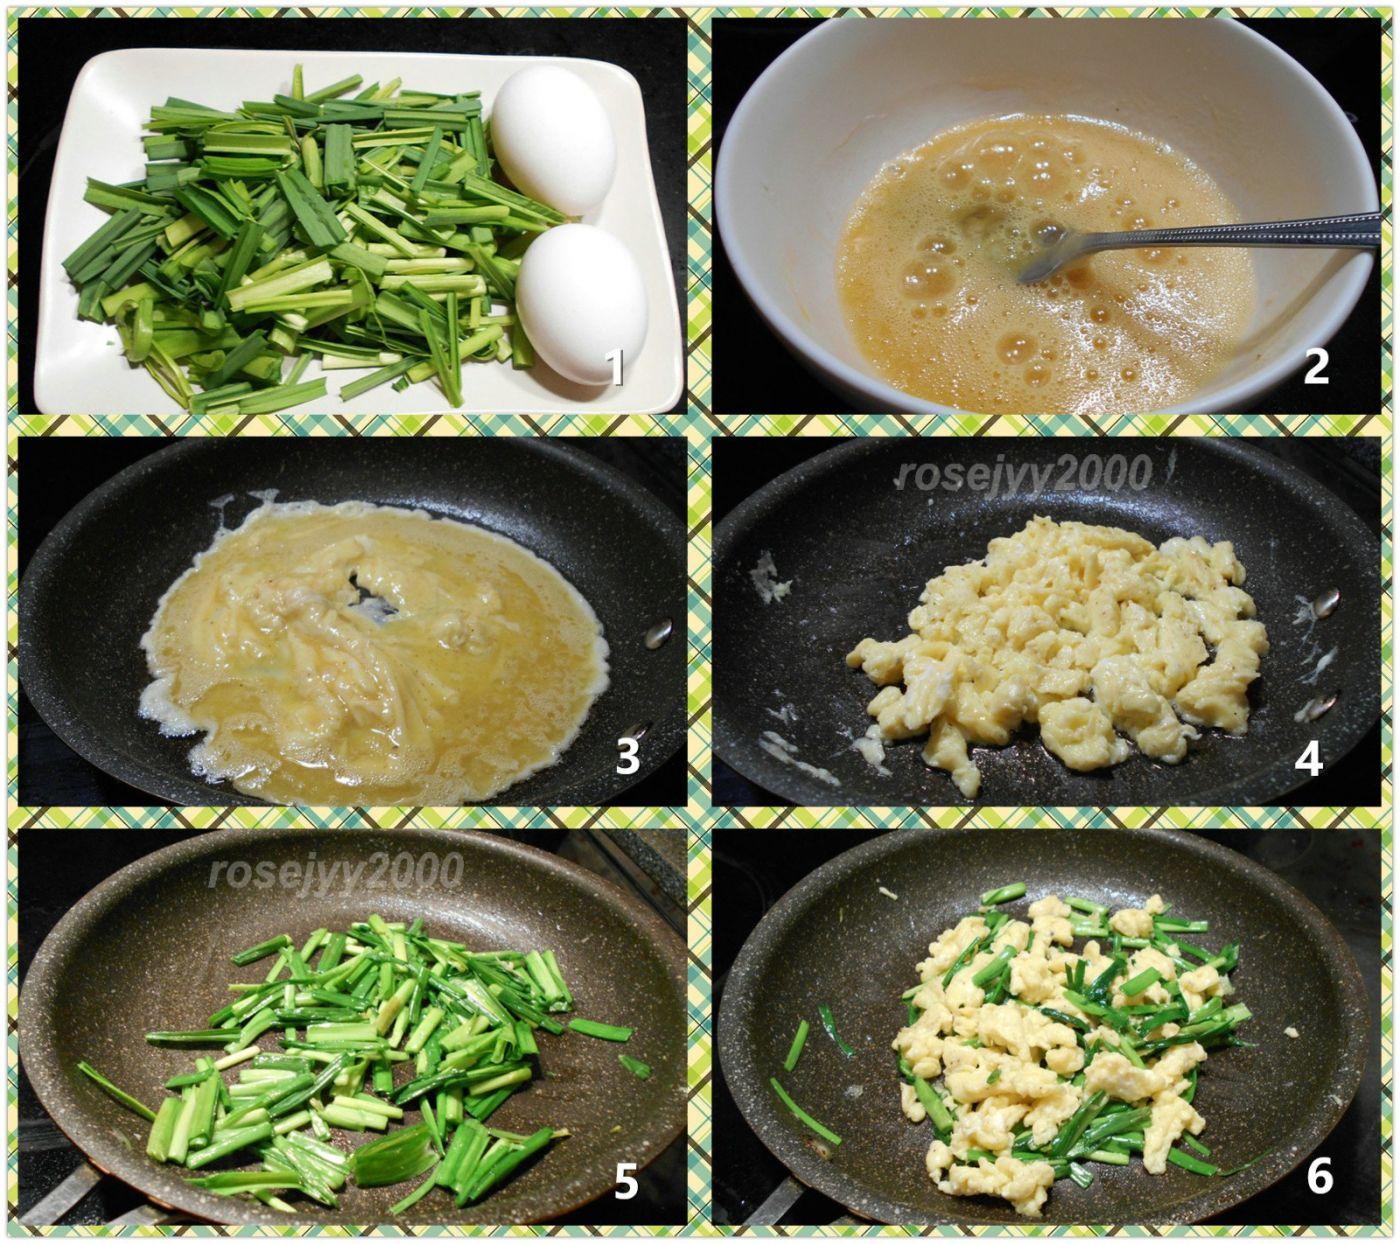 鸡蛋炒蒜苗_图1-2